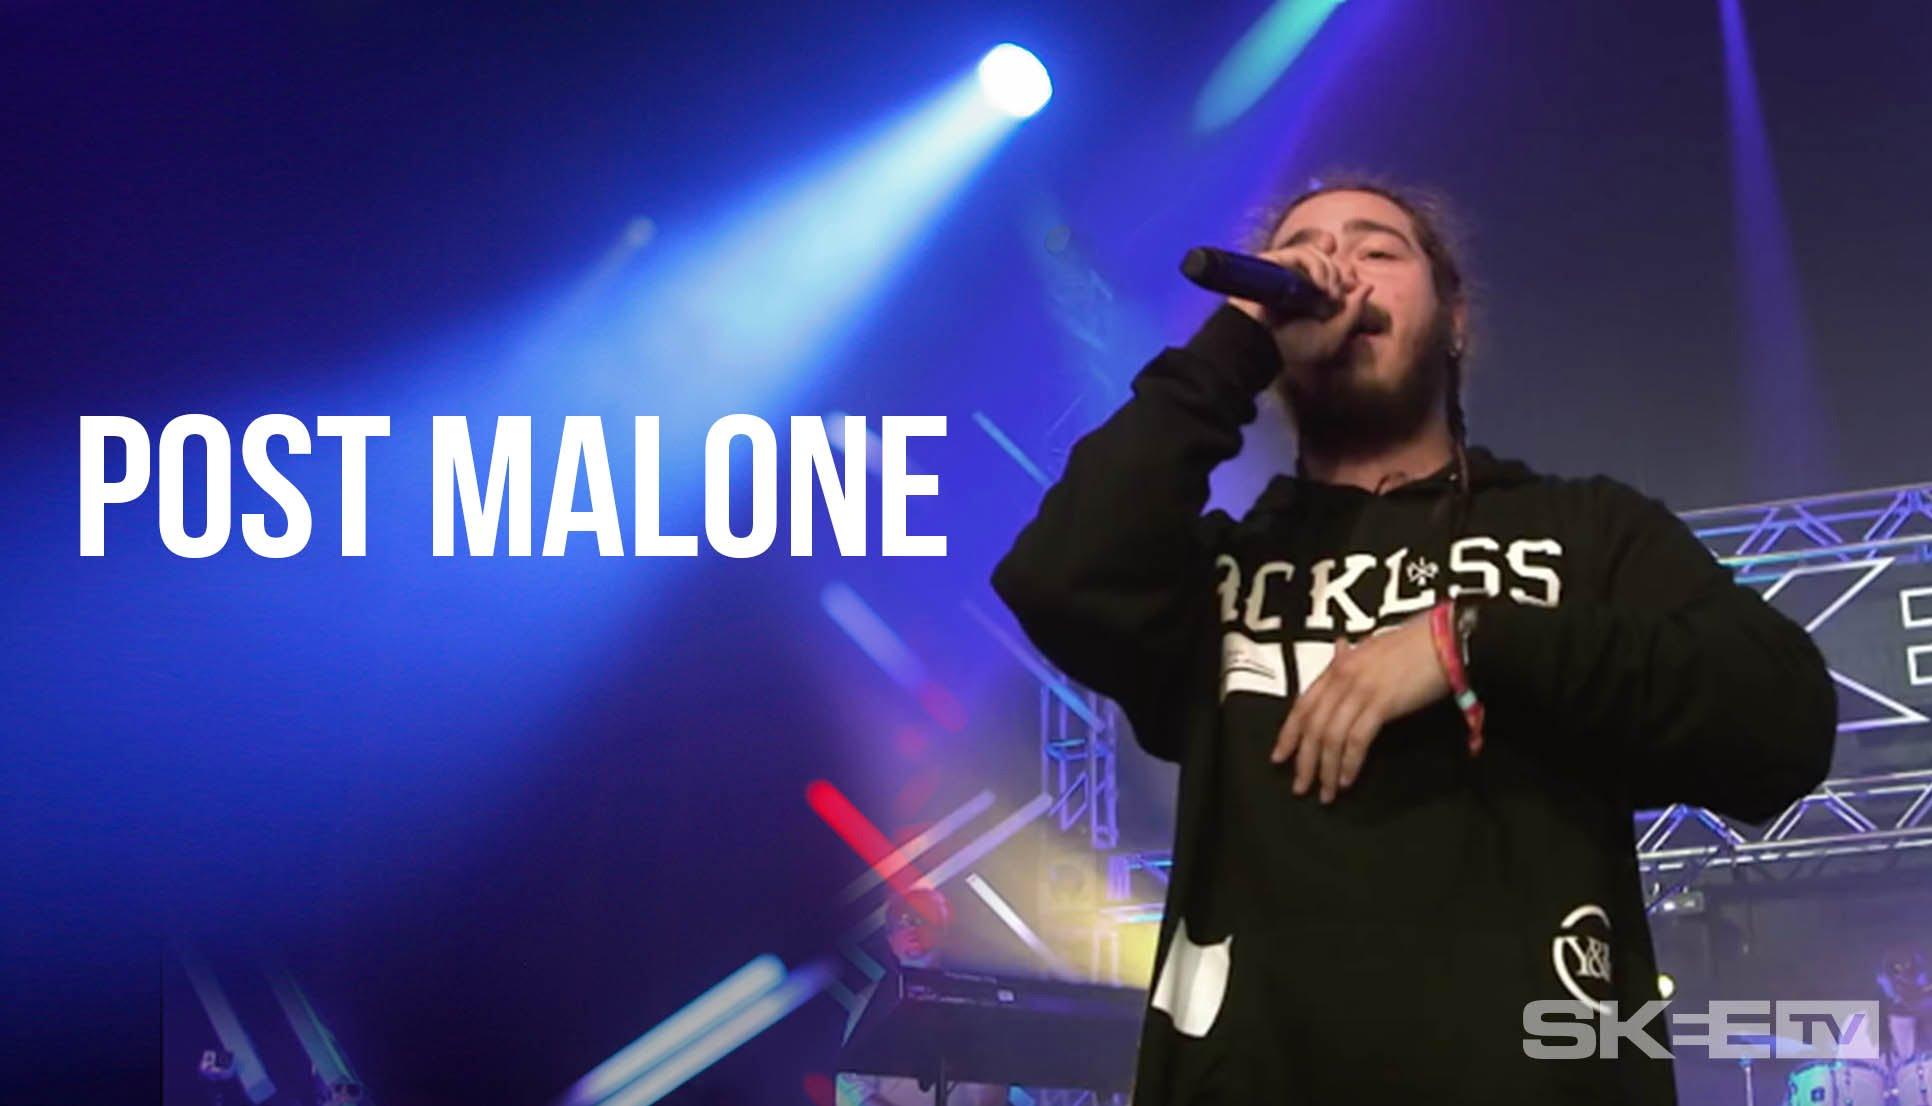 Post MaloneがBABYMETALのTシャツでライブ